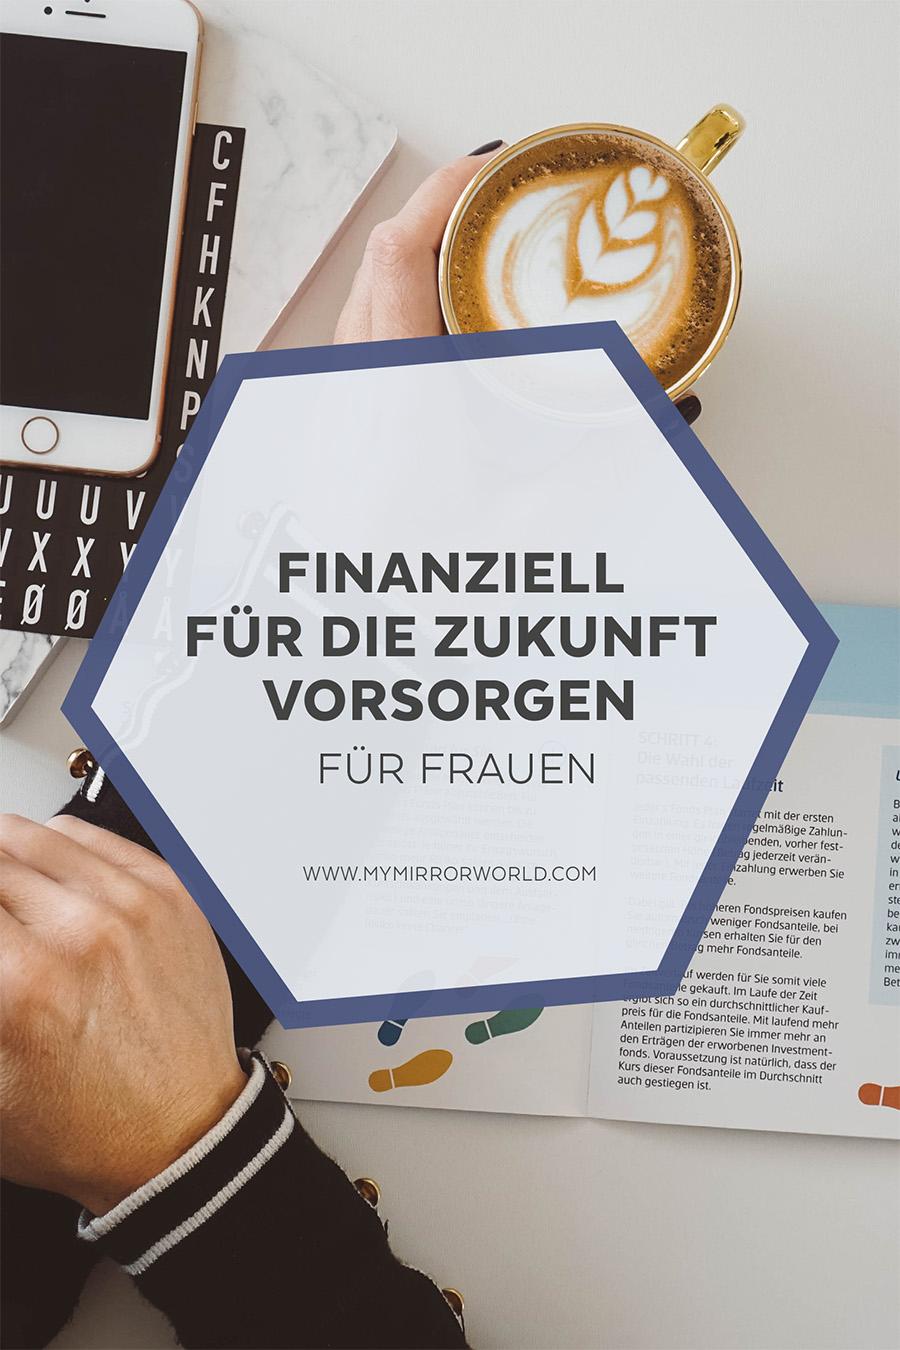 Richtig finanziell für die Zukunft vorsorgen